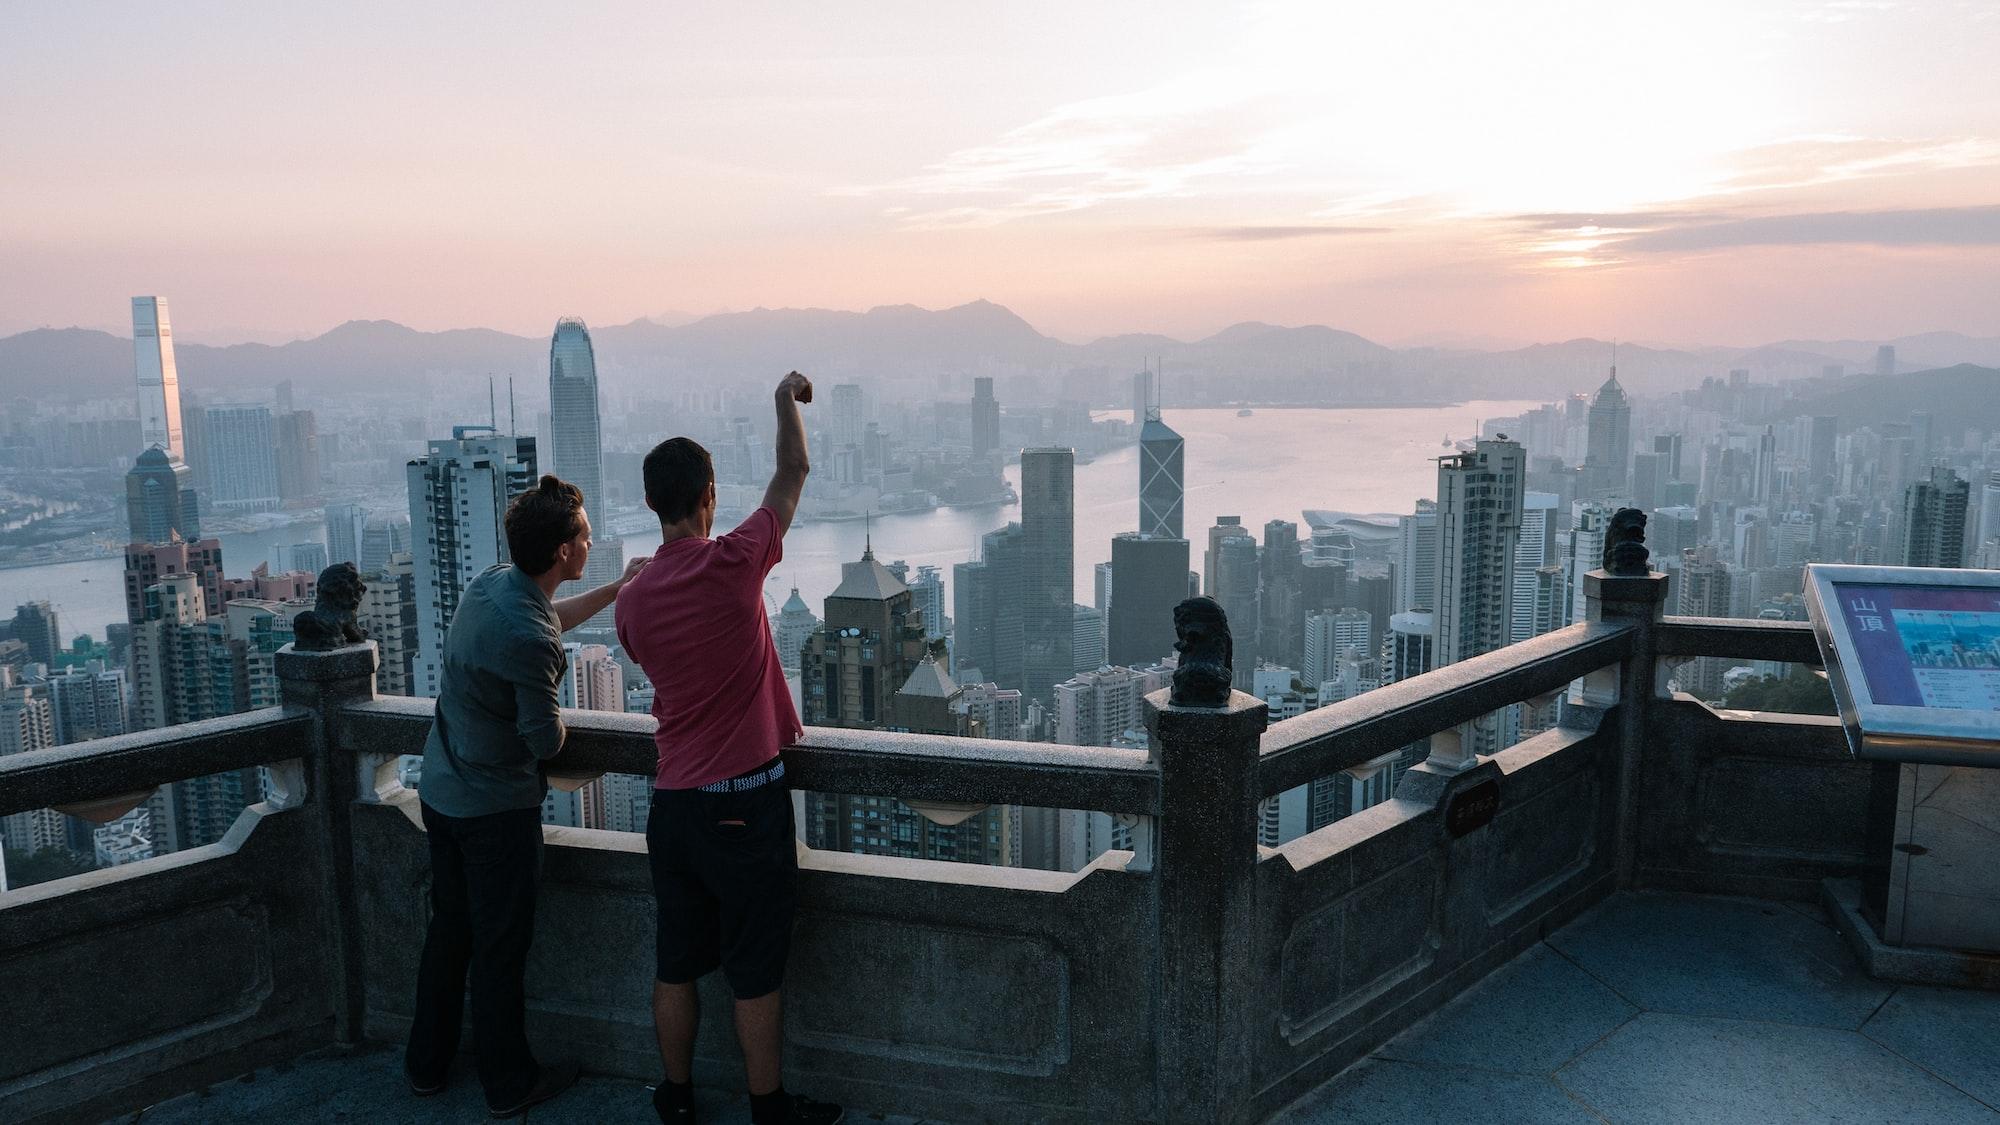 Top of Hong Kong